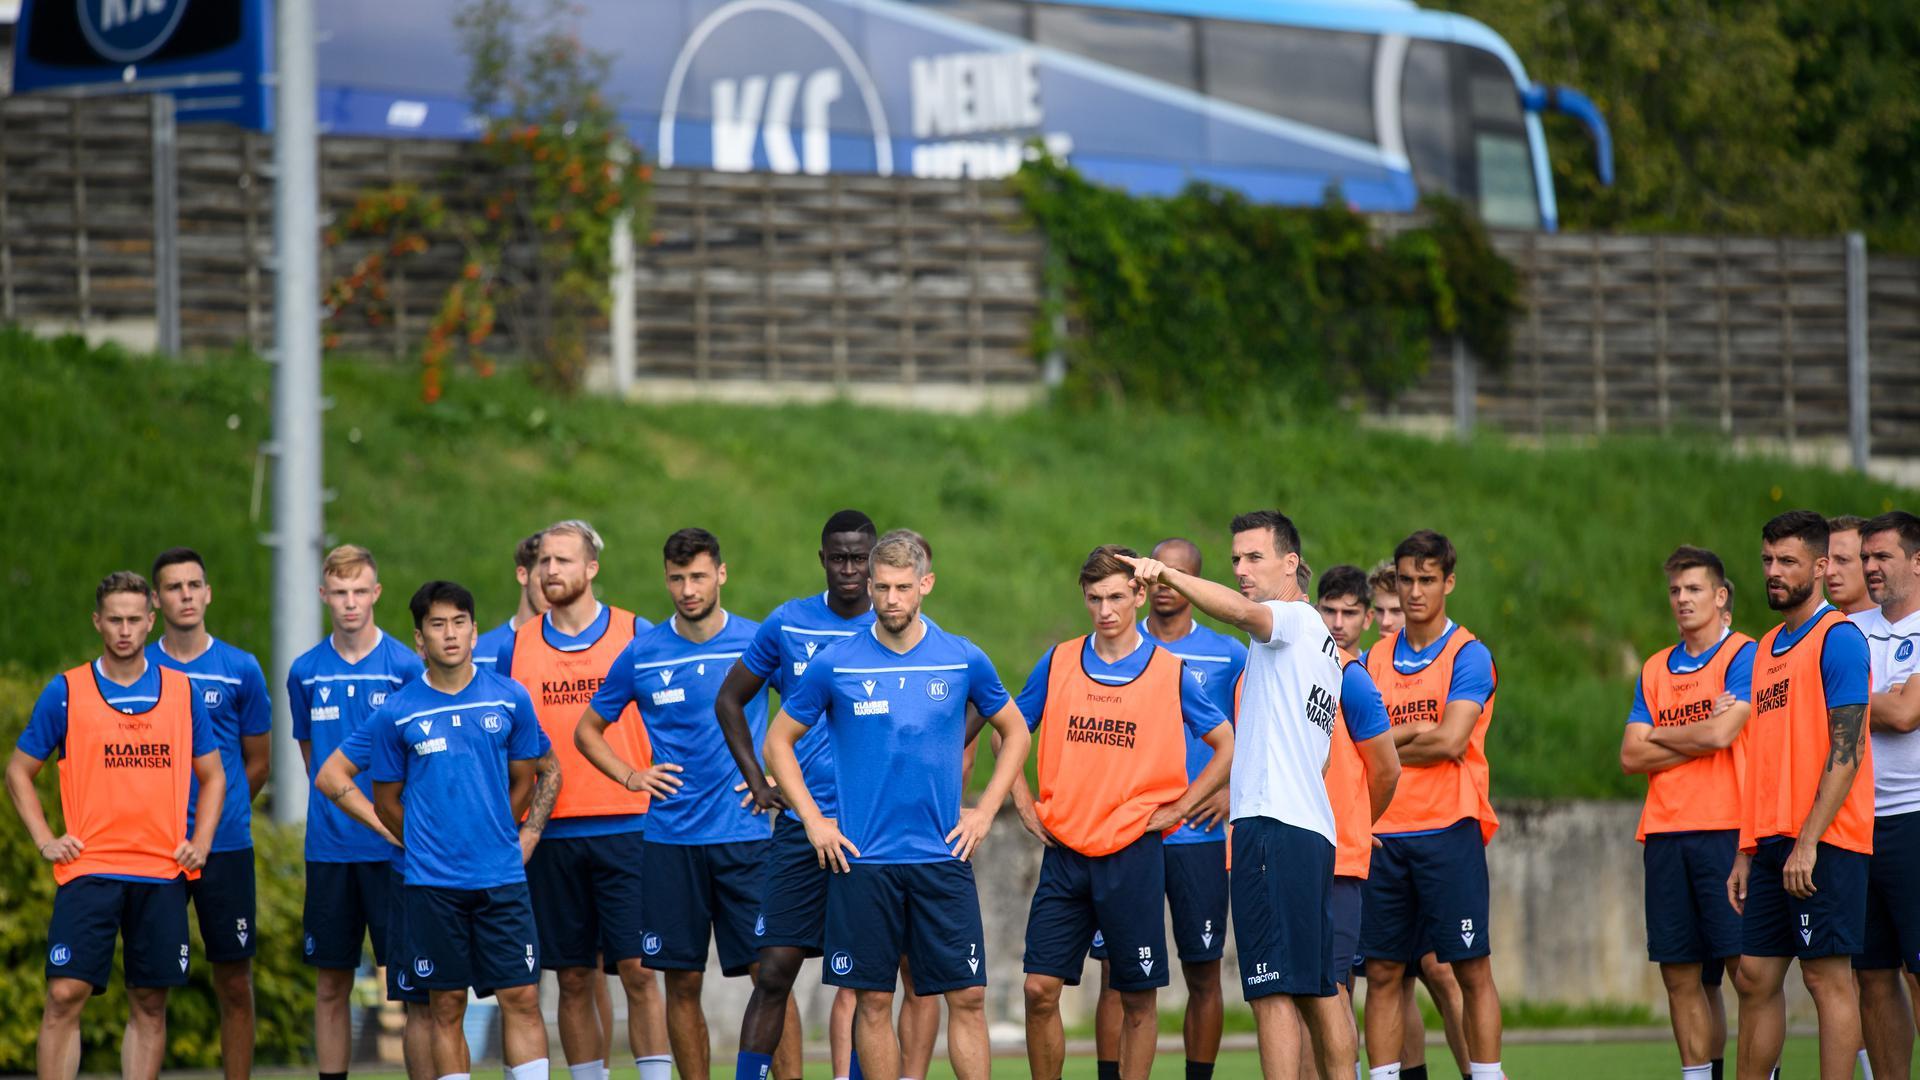 Endspurt in der Saisonvorbereitung: Die Mannschaft des KSC wird am Samstag ofiziell vorgestellt.